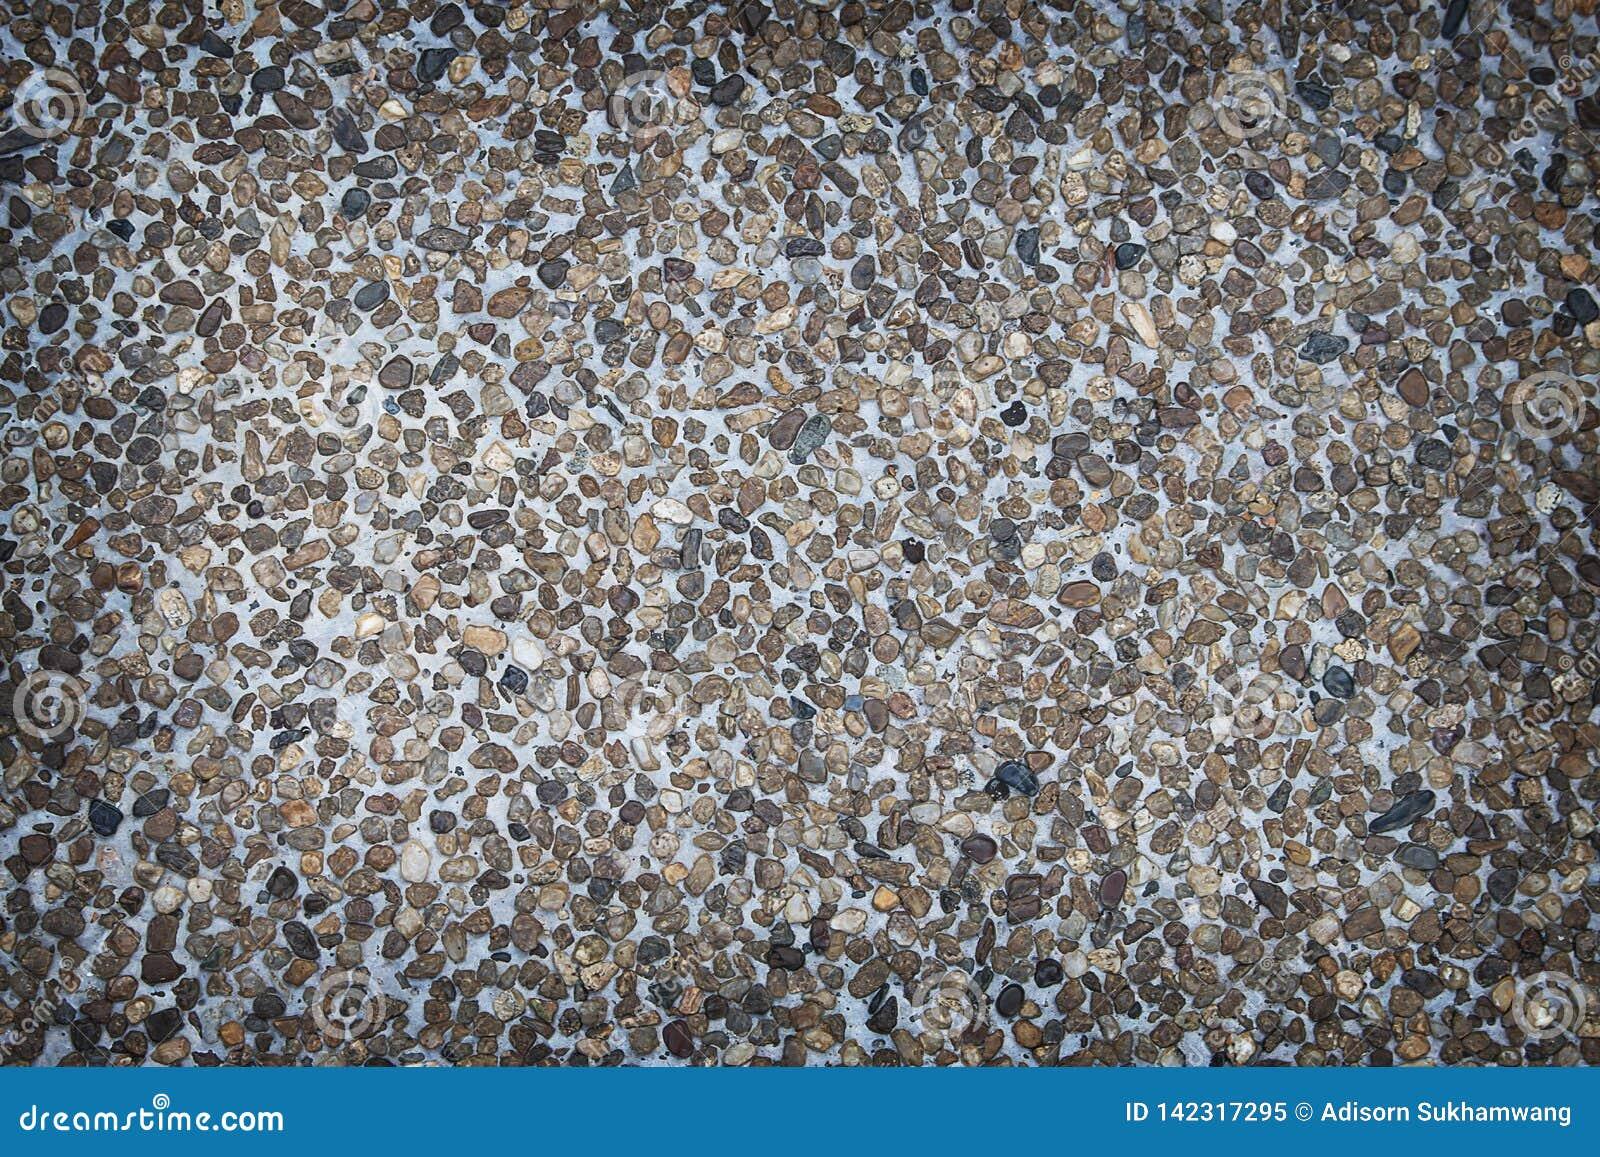 Wash gravel, wash stone